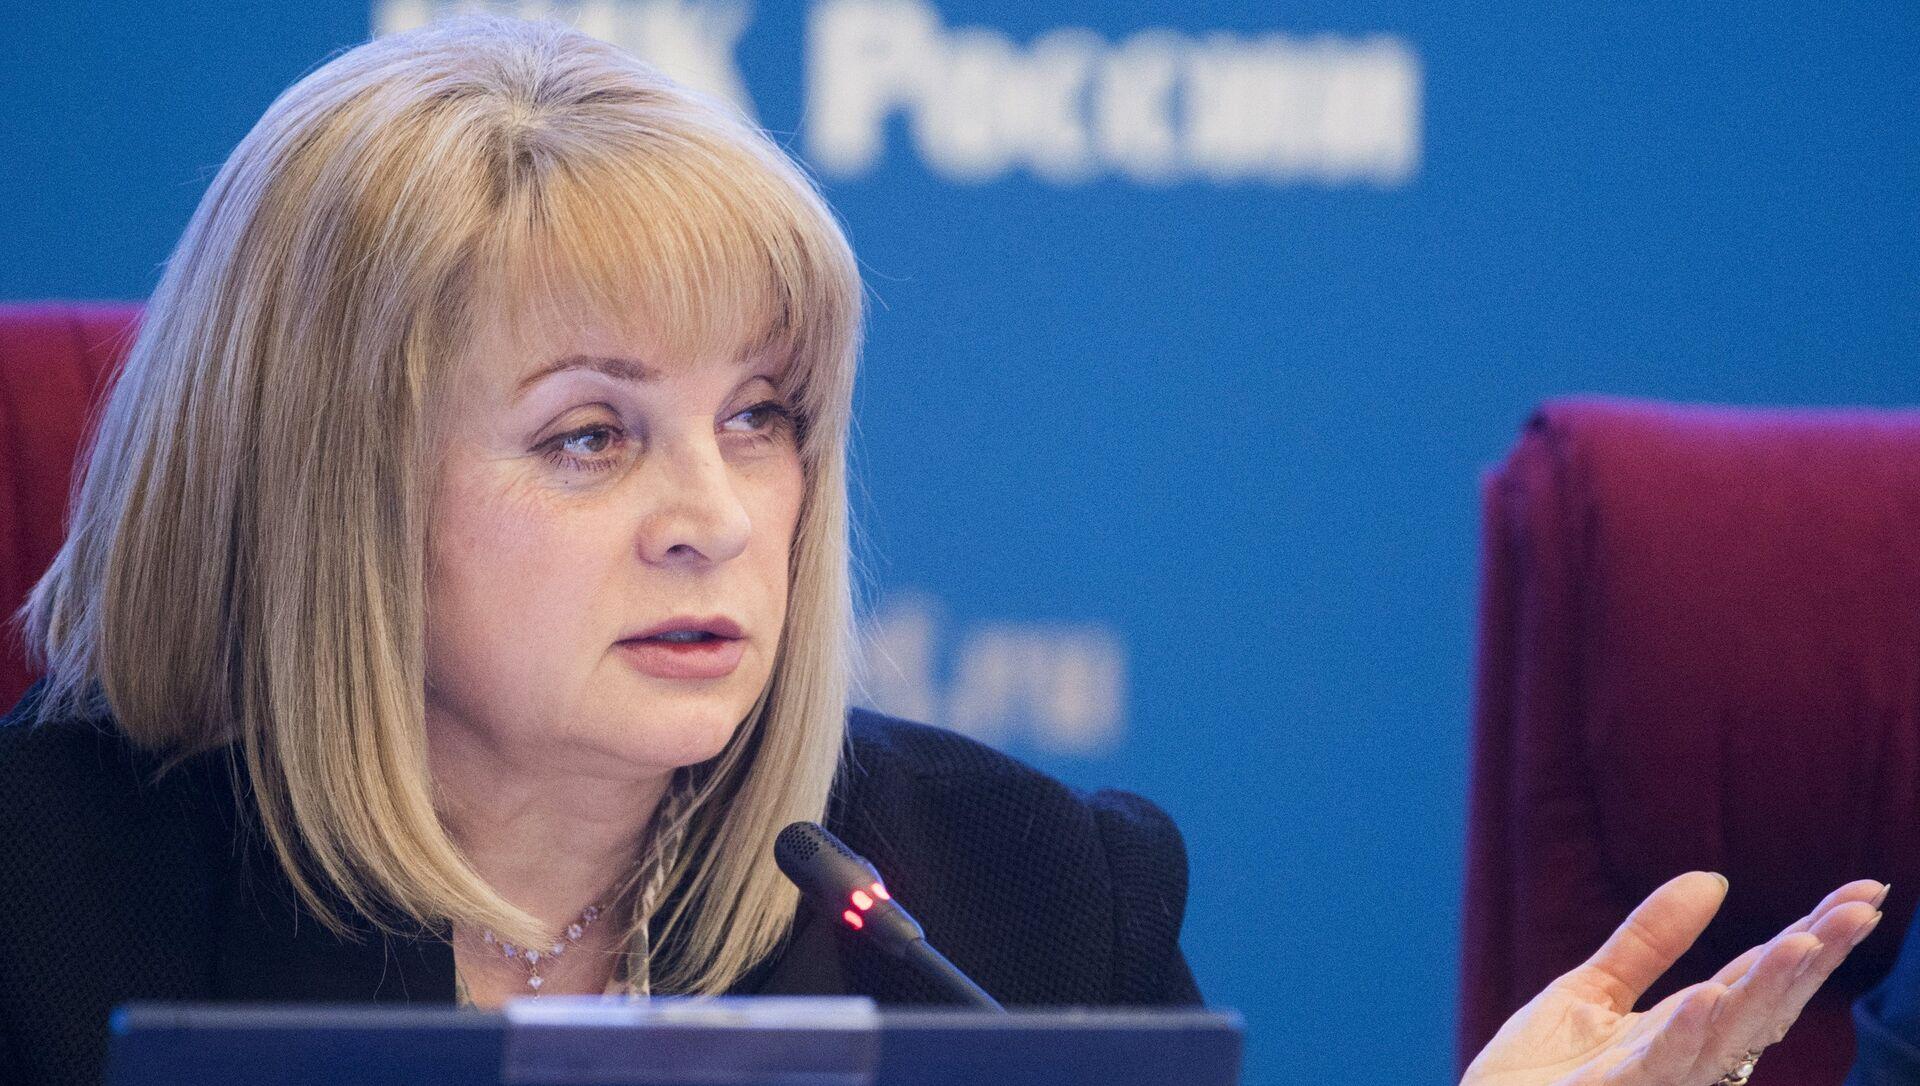 Rusiya Federasiyası Mərkəzi Seçki Komissiyasının sədri Ella Pamfilova - Sputnik Azərbaycan, 1920, 19.09.2021